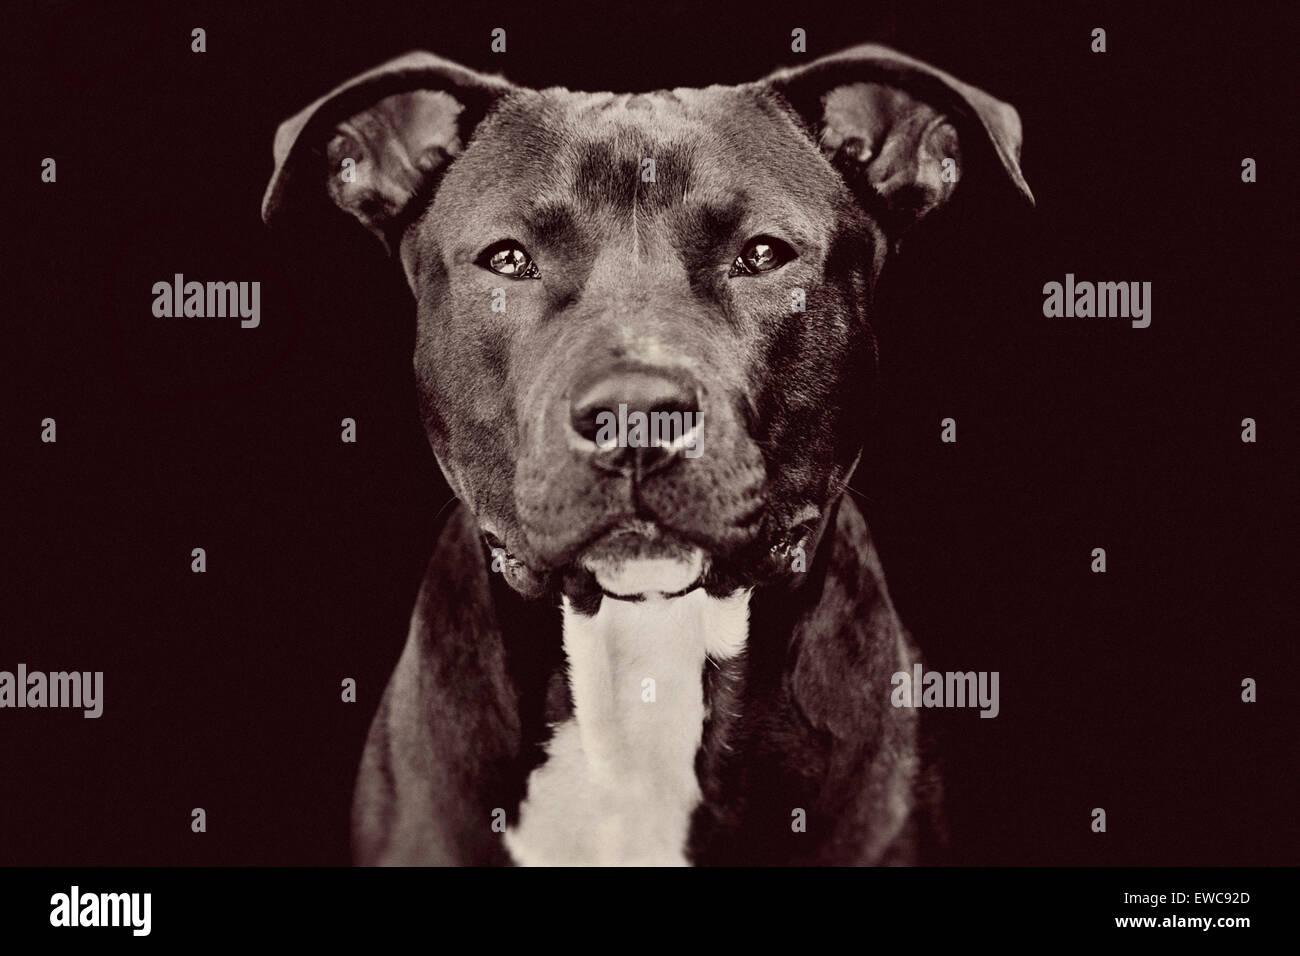 Ritratto in studio di un medium large adult black Pitbull cane su sfondo nero di fronte alla fotocamera con rivettatura Immagini Stock